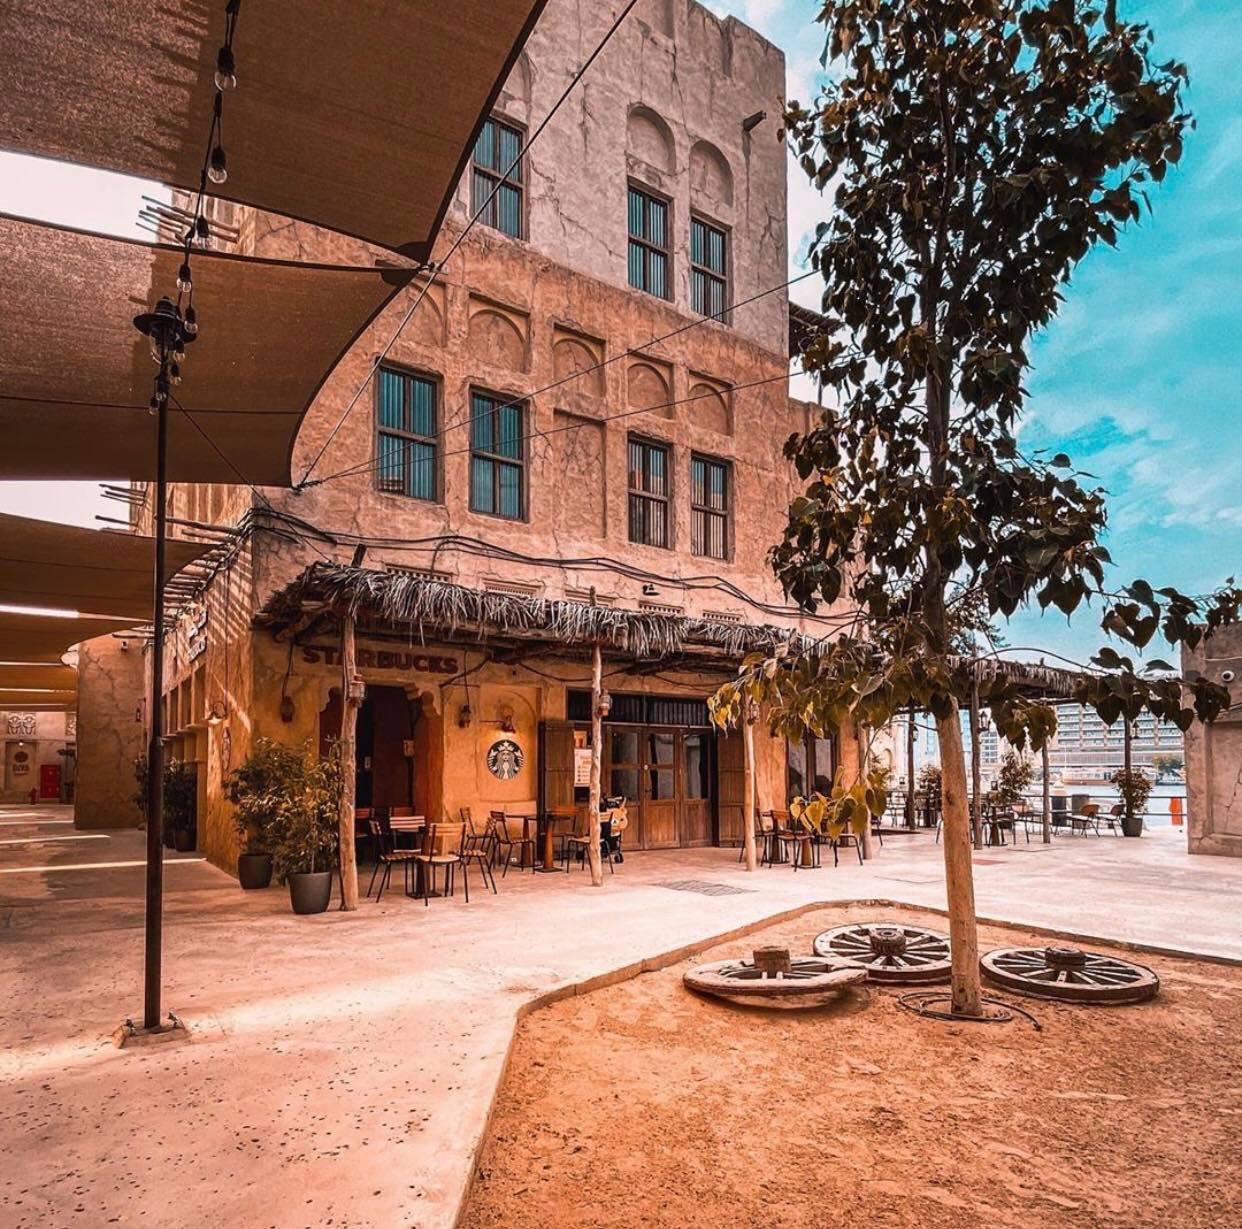 Cửa hàng Starbucks tại xứ siêu giàu gây bất ngờ với mái lá, tường nứt cũ kỹ như nhà đất Việt Nam - Ảnh 9.